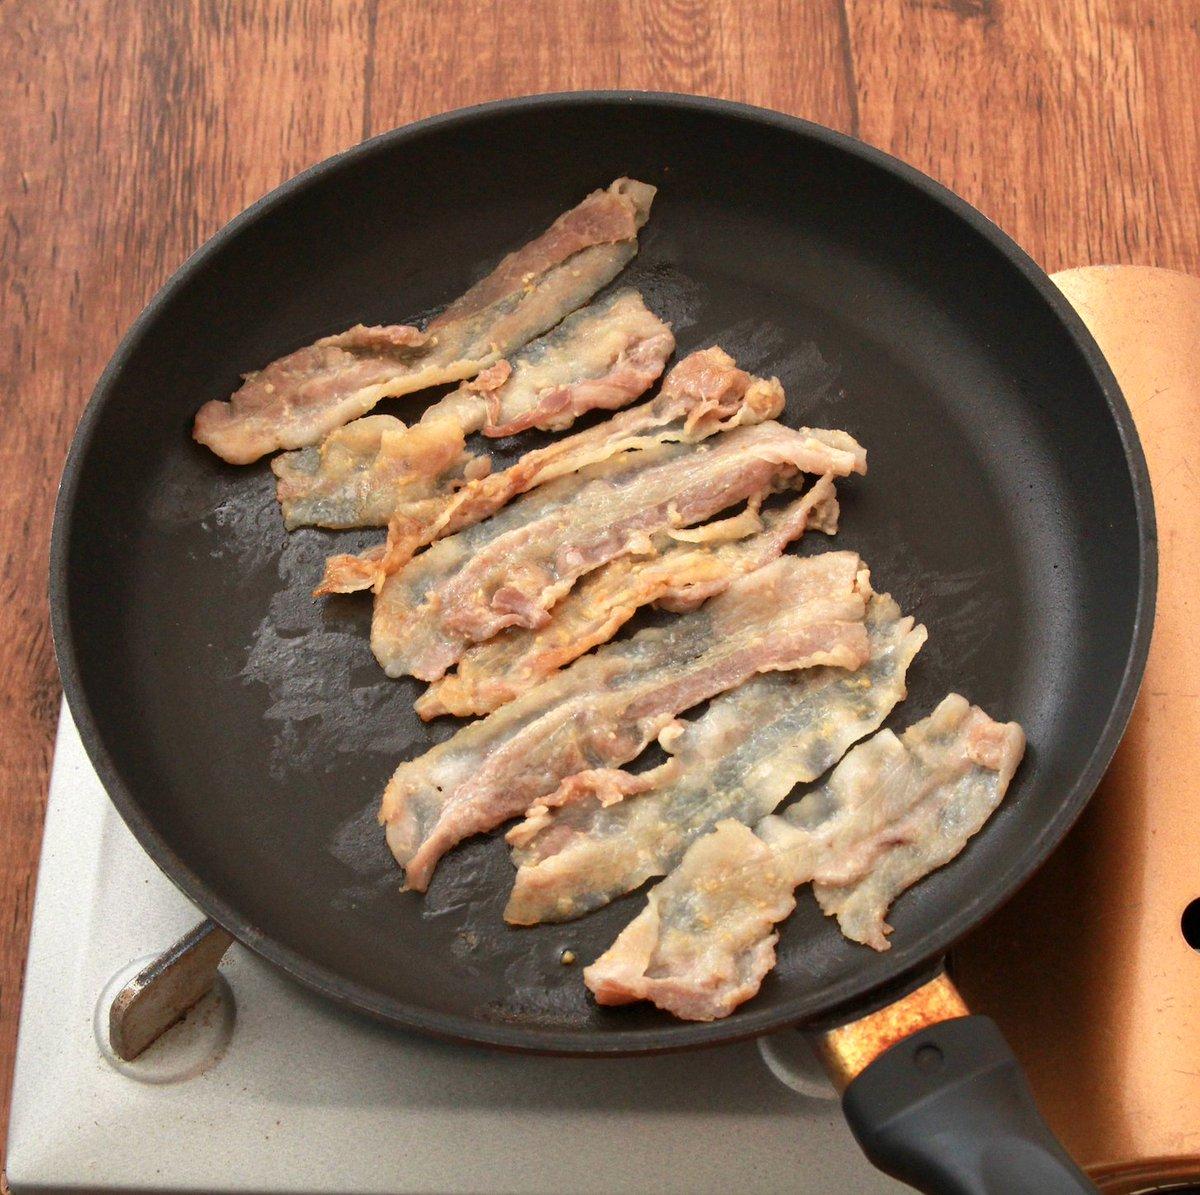 パスタ料理とも相性抜群!豚バラ肉がもっと美味しくなる方法?!